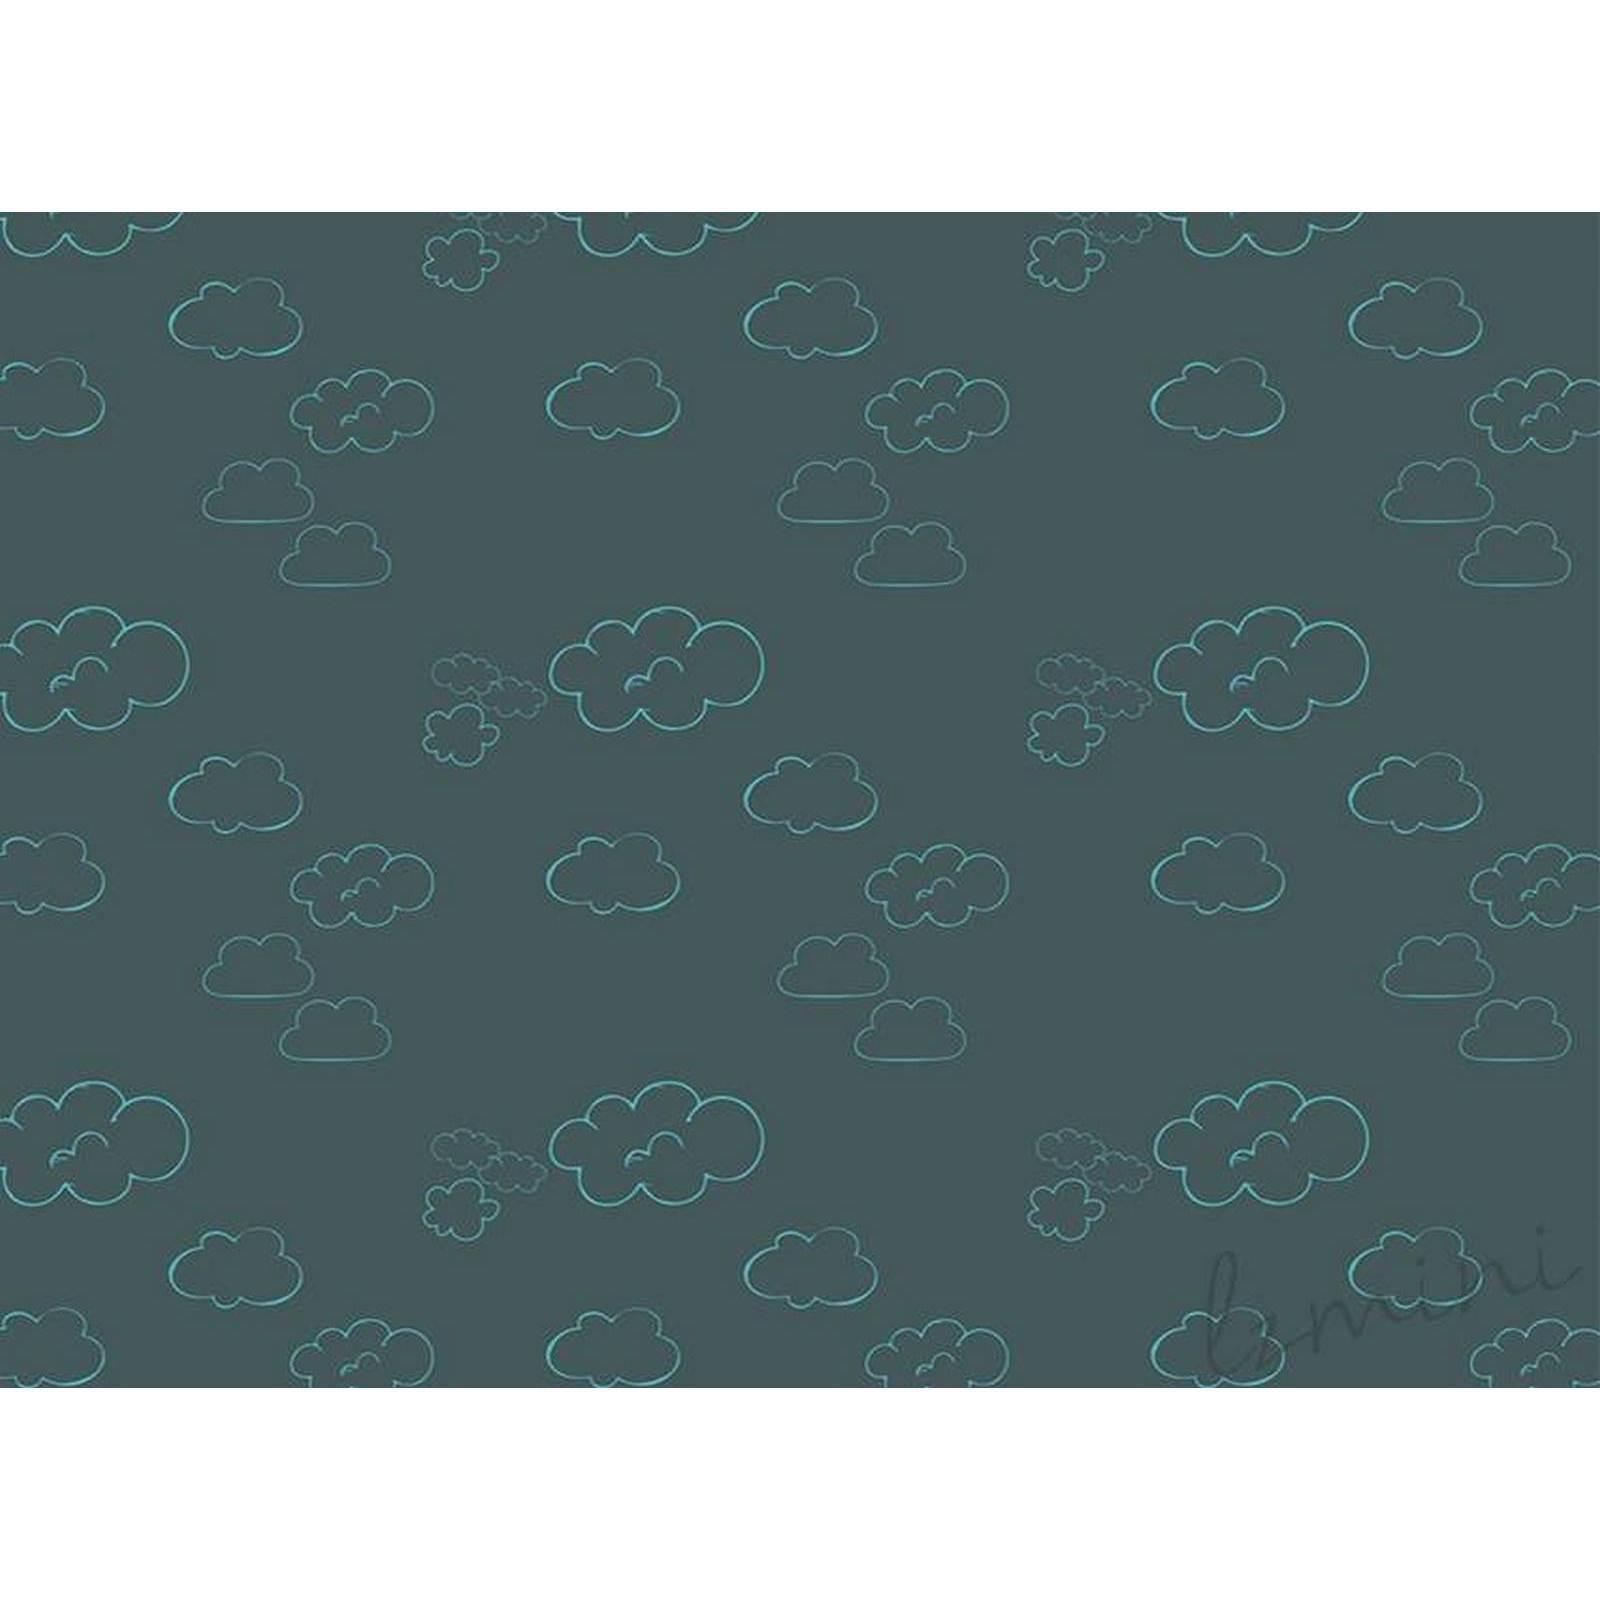 Papel de Parede Cloud H=3m CINZA ESCURO Papel de Parede